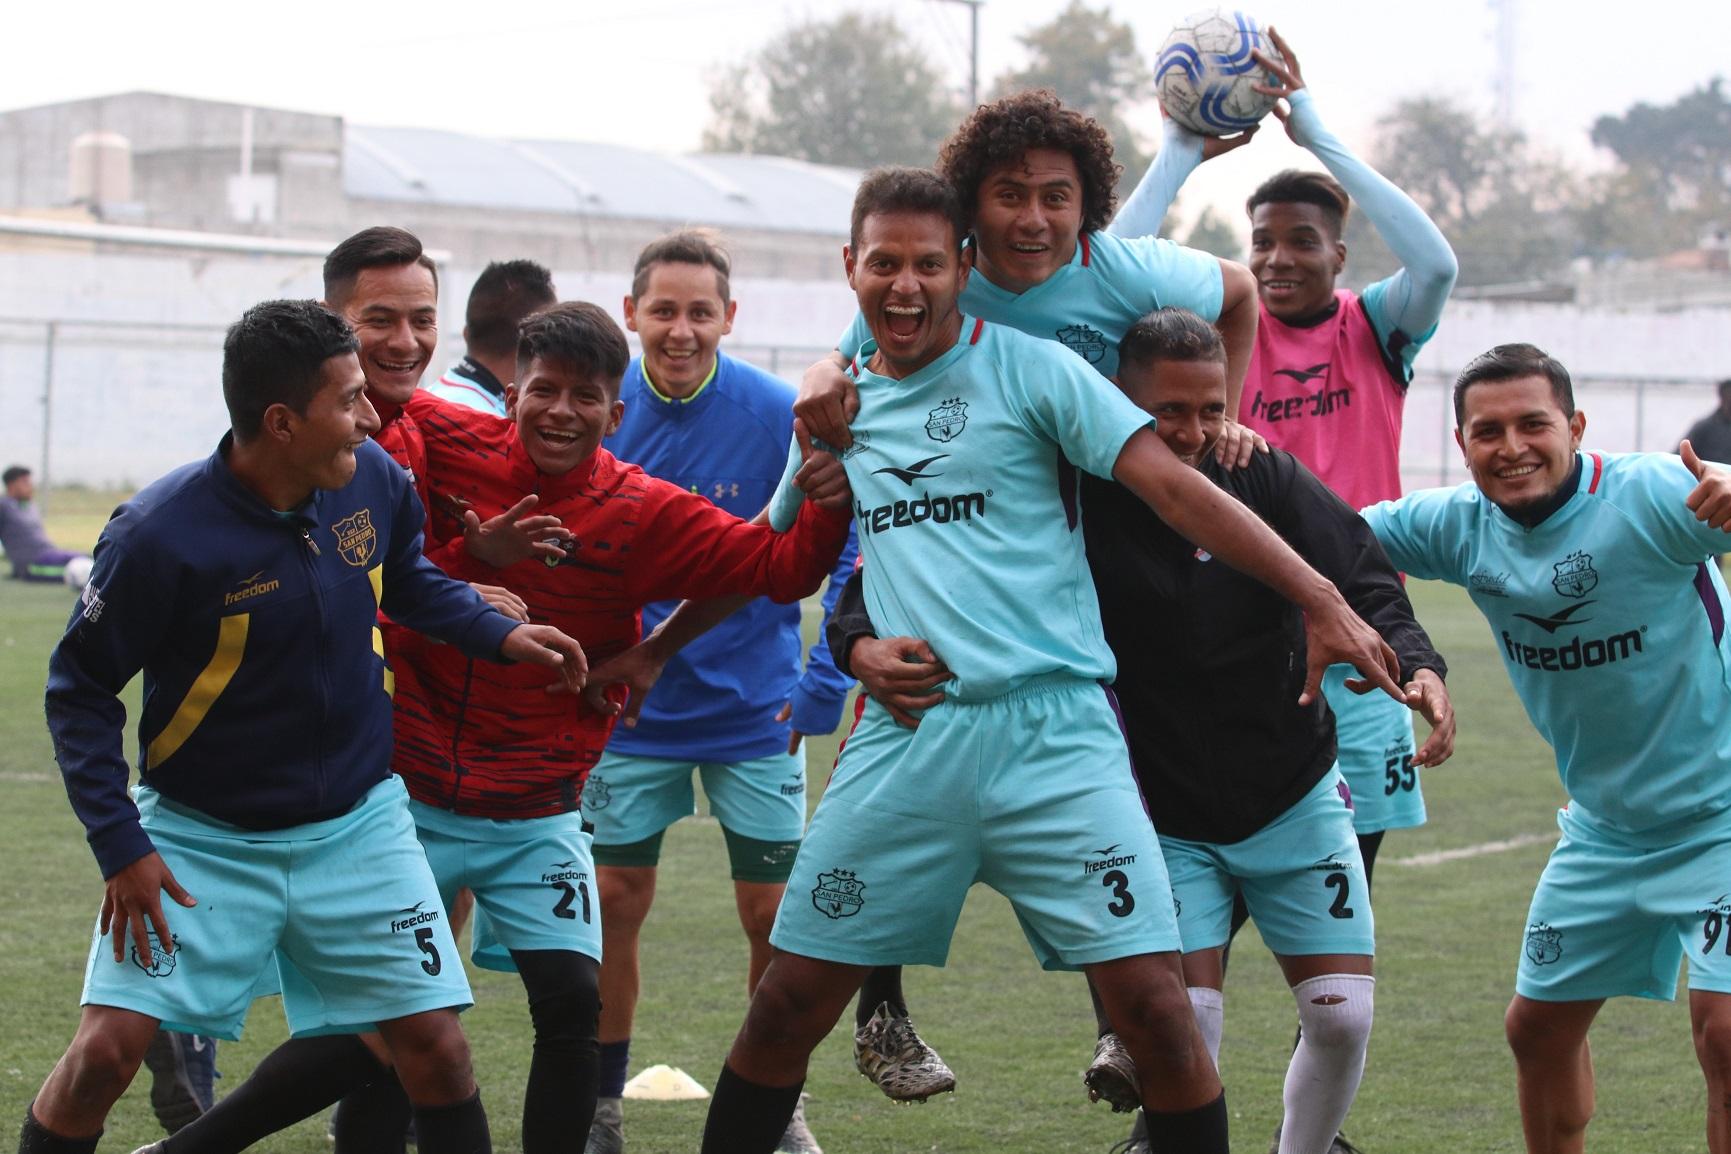 Los jugadores de San Pedro de la Primera División están ilusionados con jugar la final del Torneo de Copa. (Foto Prensa Libre: Raúl Juárez)